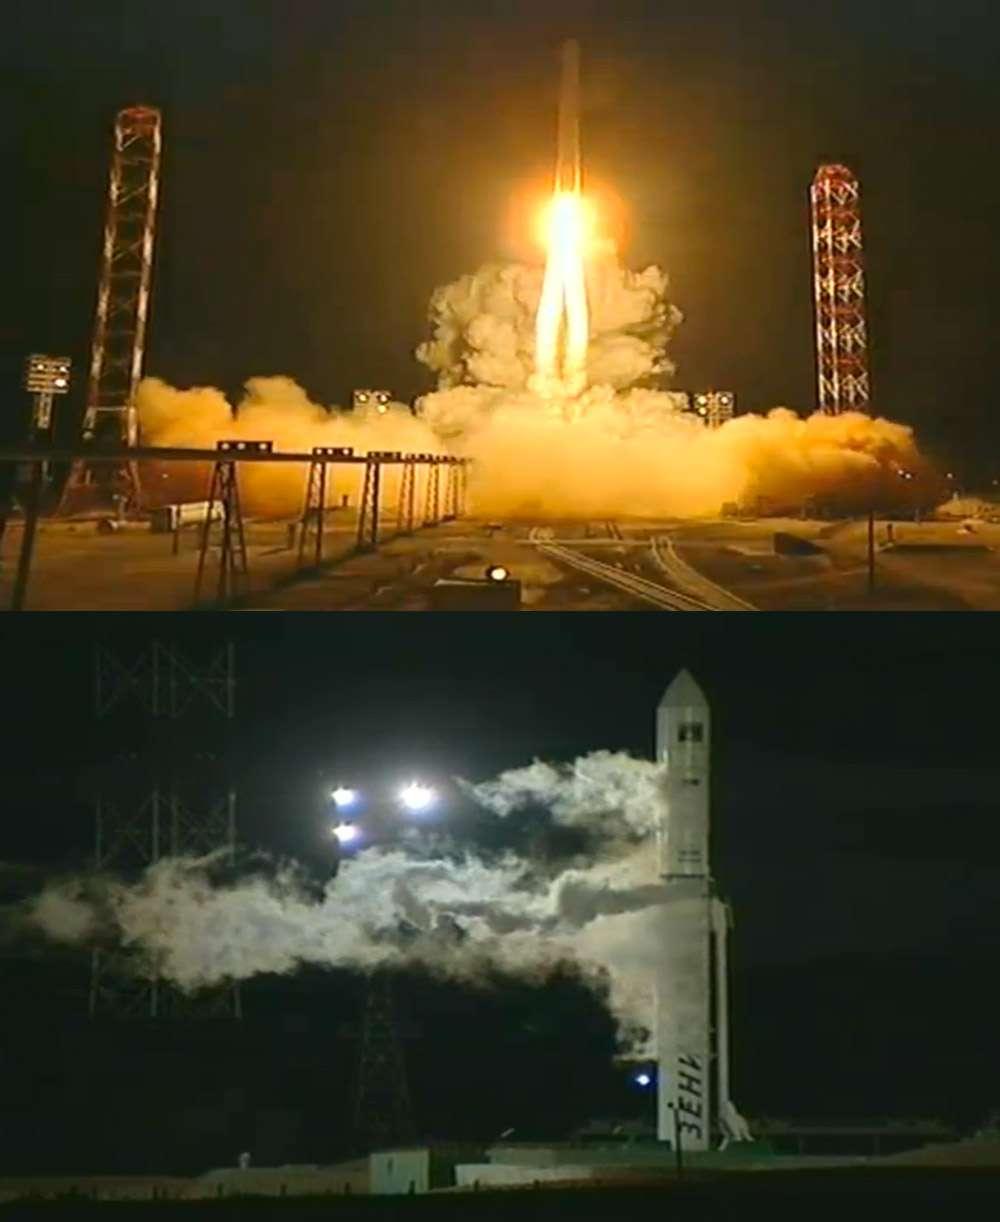 Phobos-Grunt a été lancé dans la nuit de mardi à mercredi. Le lanceur Zenit 2 a décollé à 21 h 16, heure de Paris, depuis le cosmodrome de Baïkonour. Malgré un lancement parfait, la sonde n'a pas réussi à quitter la Terre pour rejoindre Mars. © Roscosmos